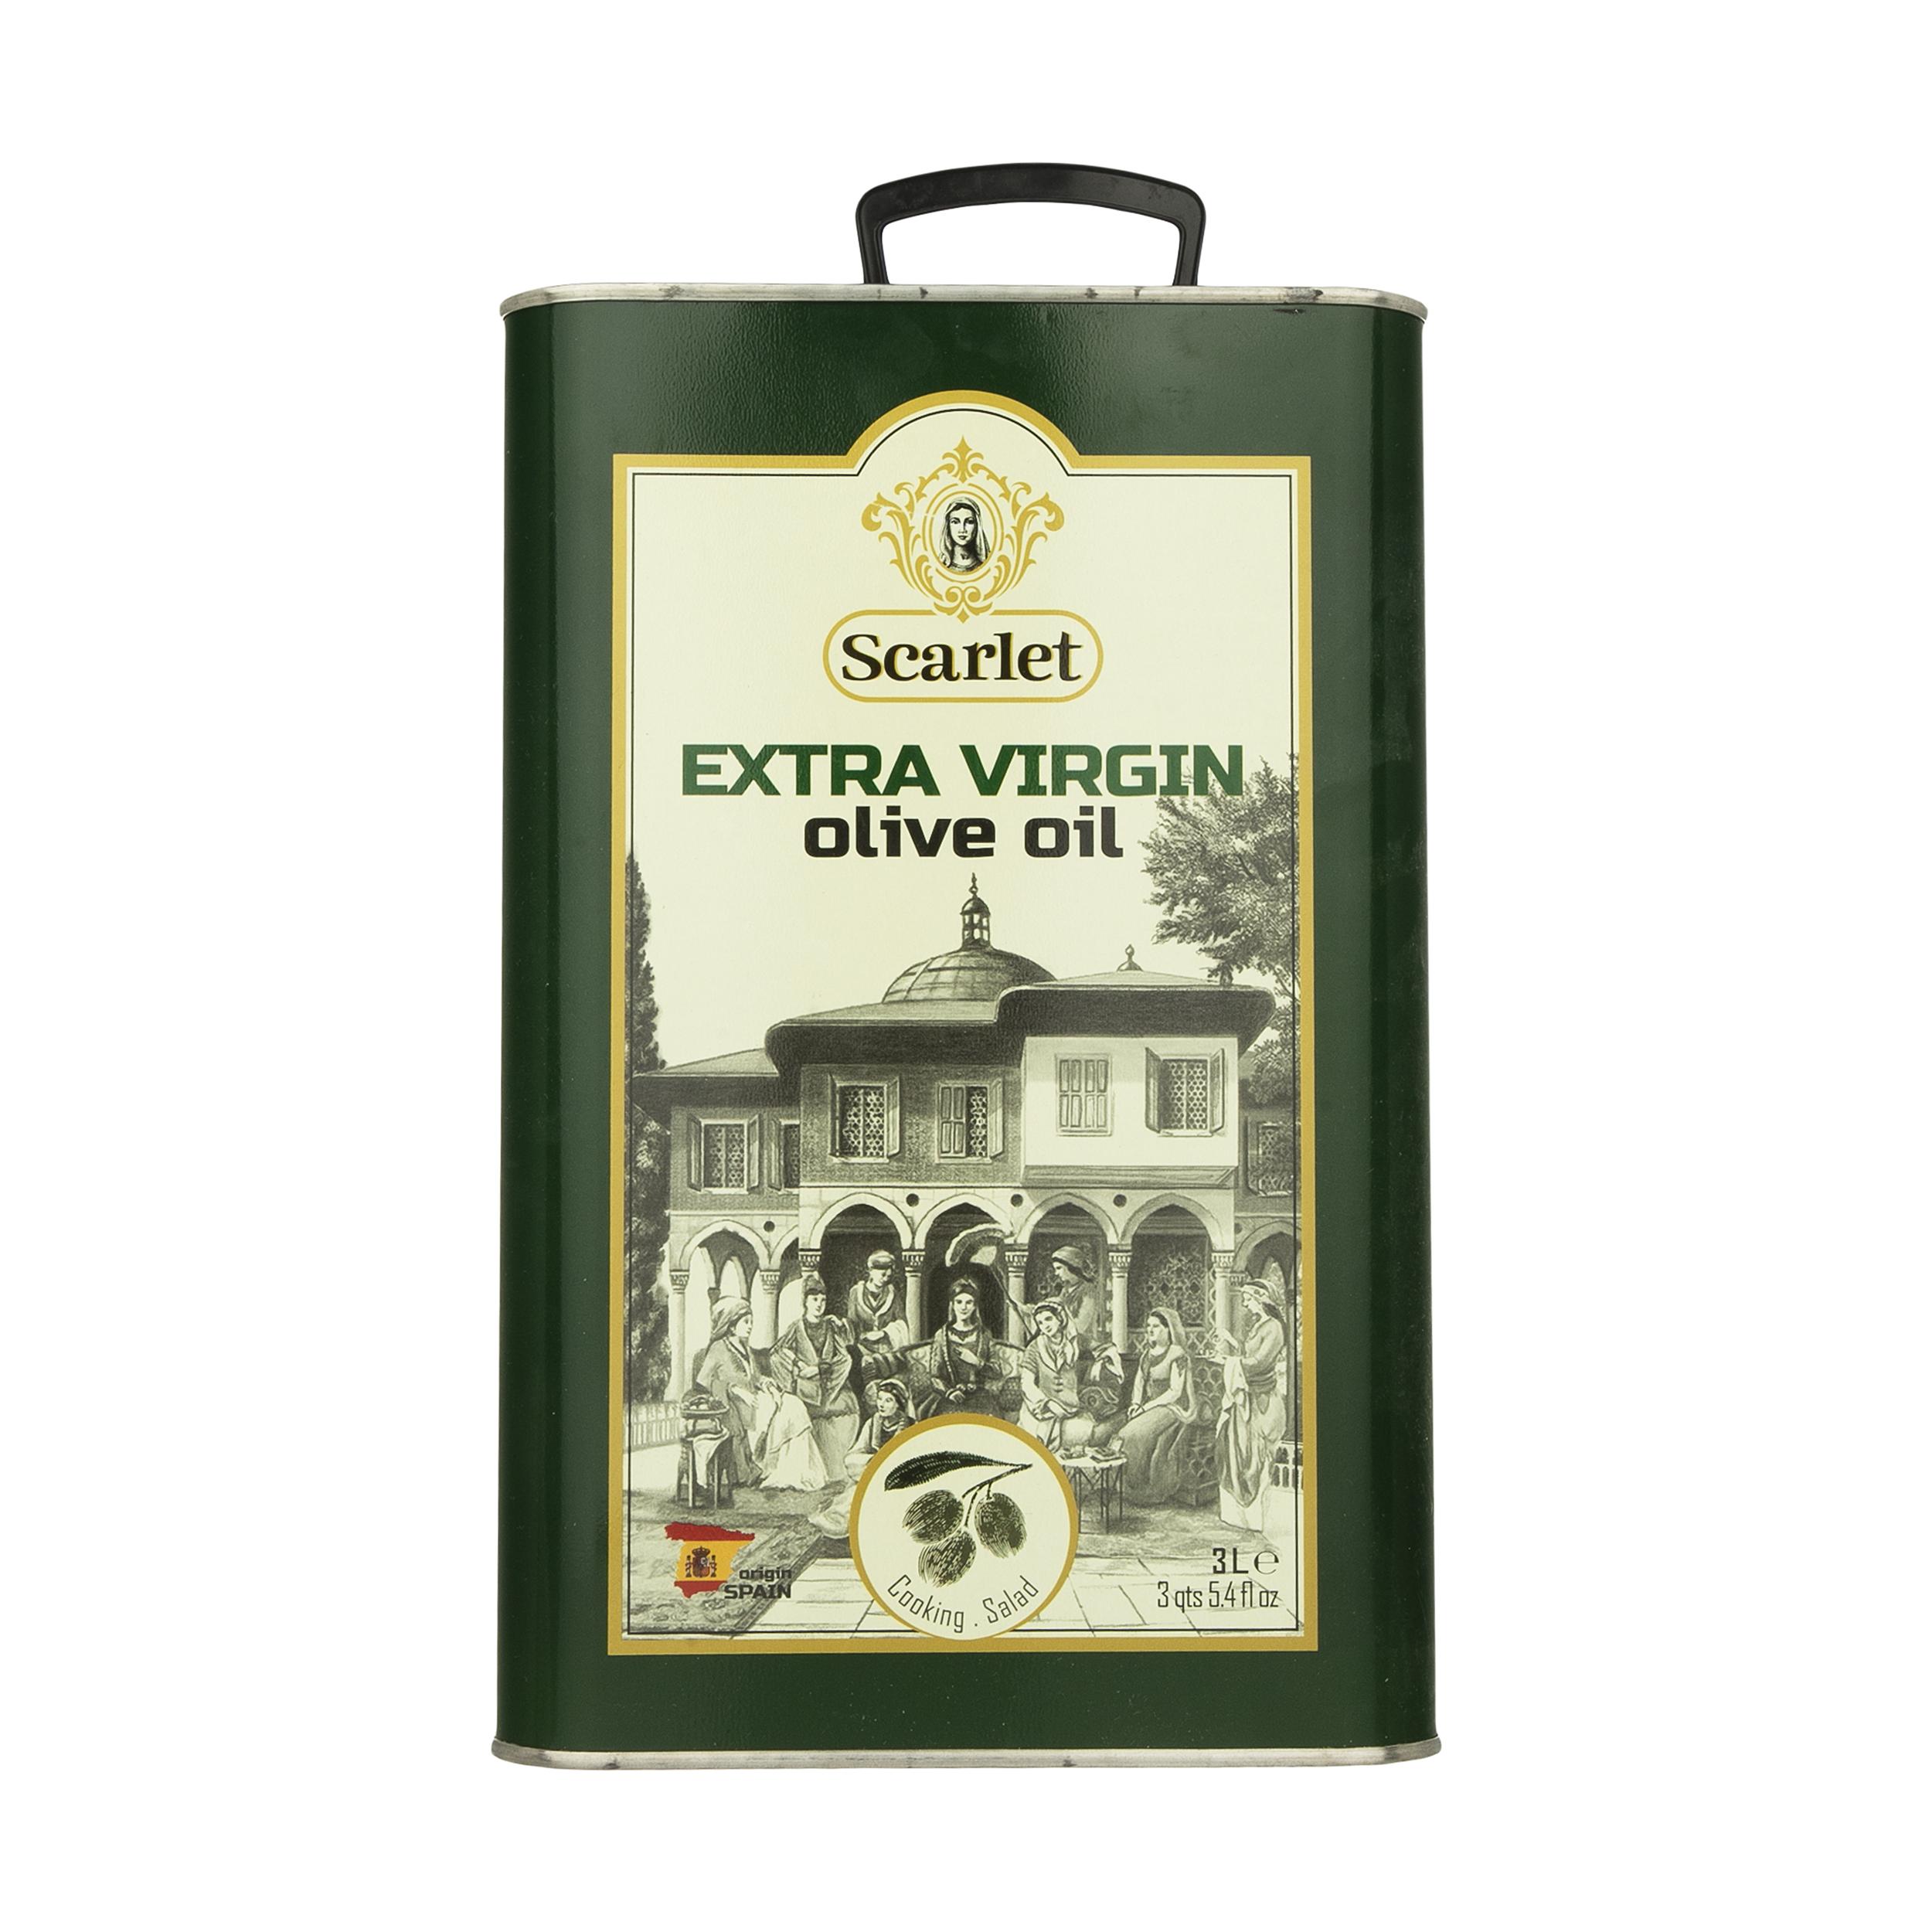 روغن زیتون ارگانیک فرابکر اسکارلت - 3 لیتر